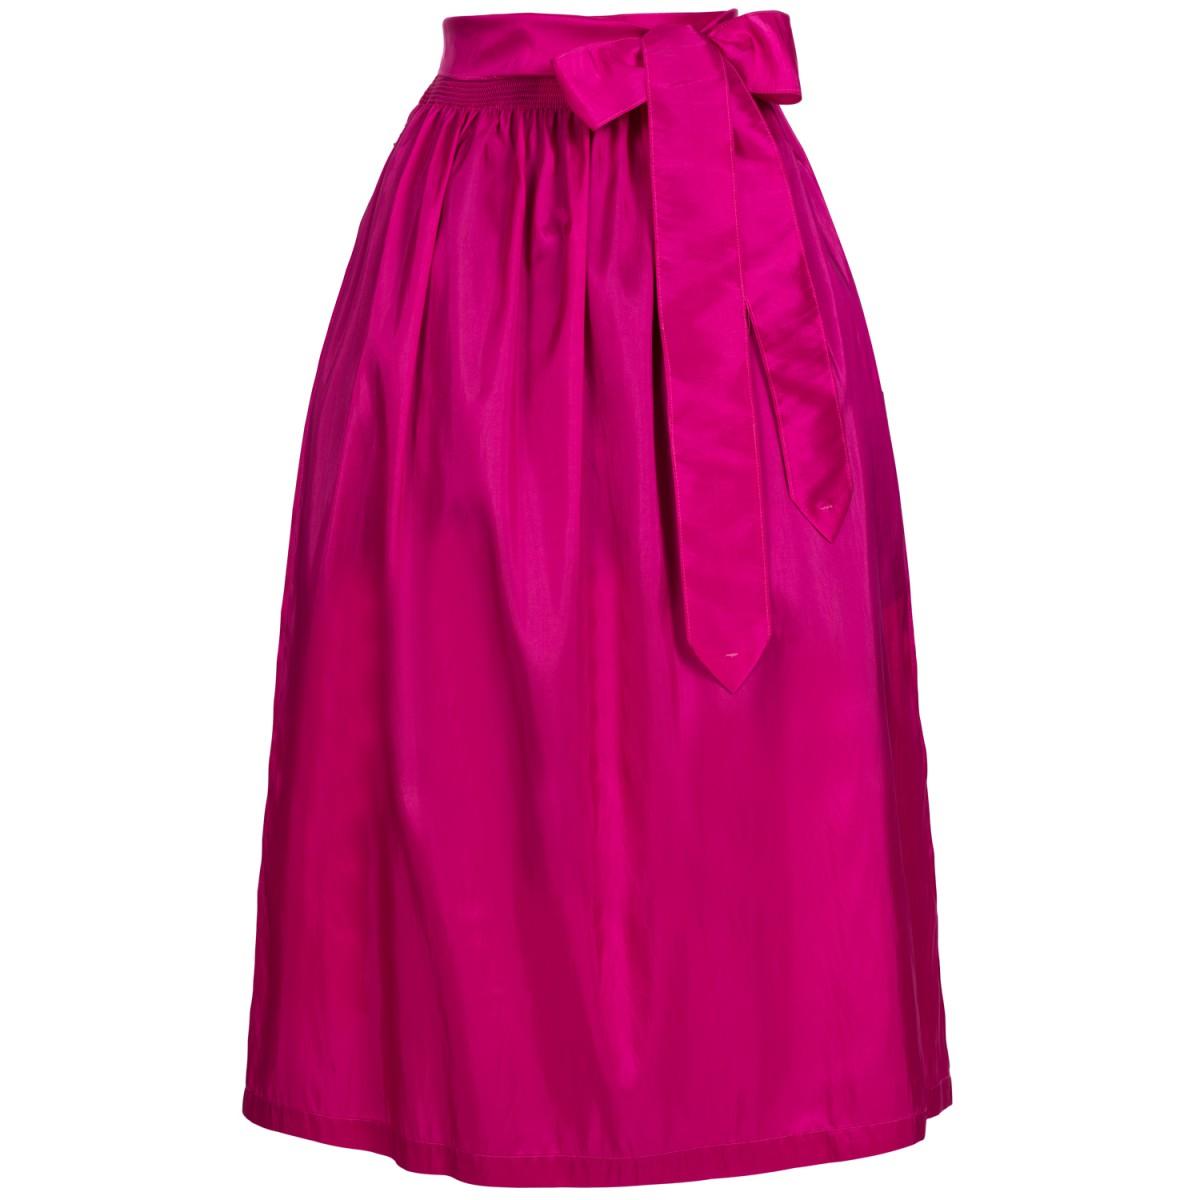 Dirndlschürze in Pink von Country Line günstig online kaufen